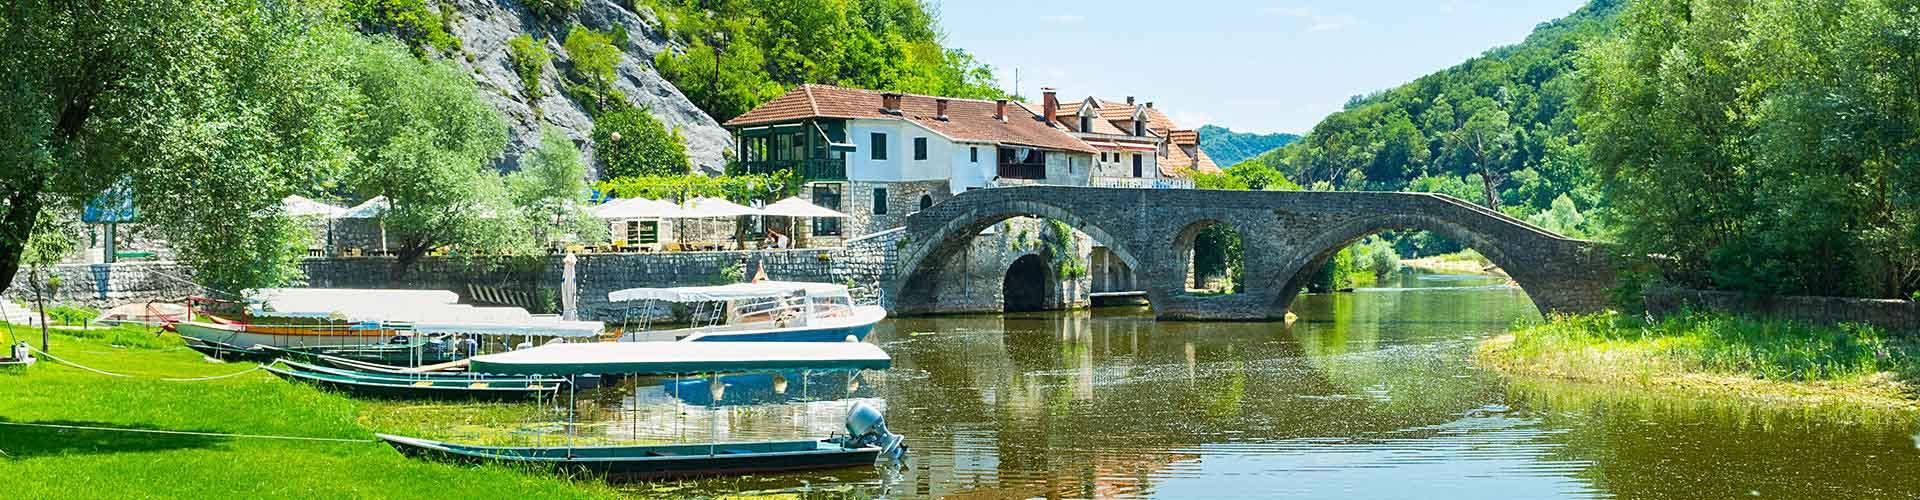 Rijeka - Hostele w mieście: Rijeka, Mapy: Rijeka, Zdjęcia i Recenzje dla każdego hostelu w mieście Rijeka.